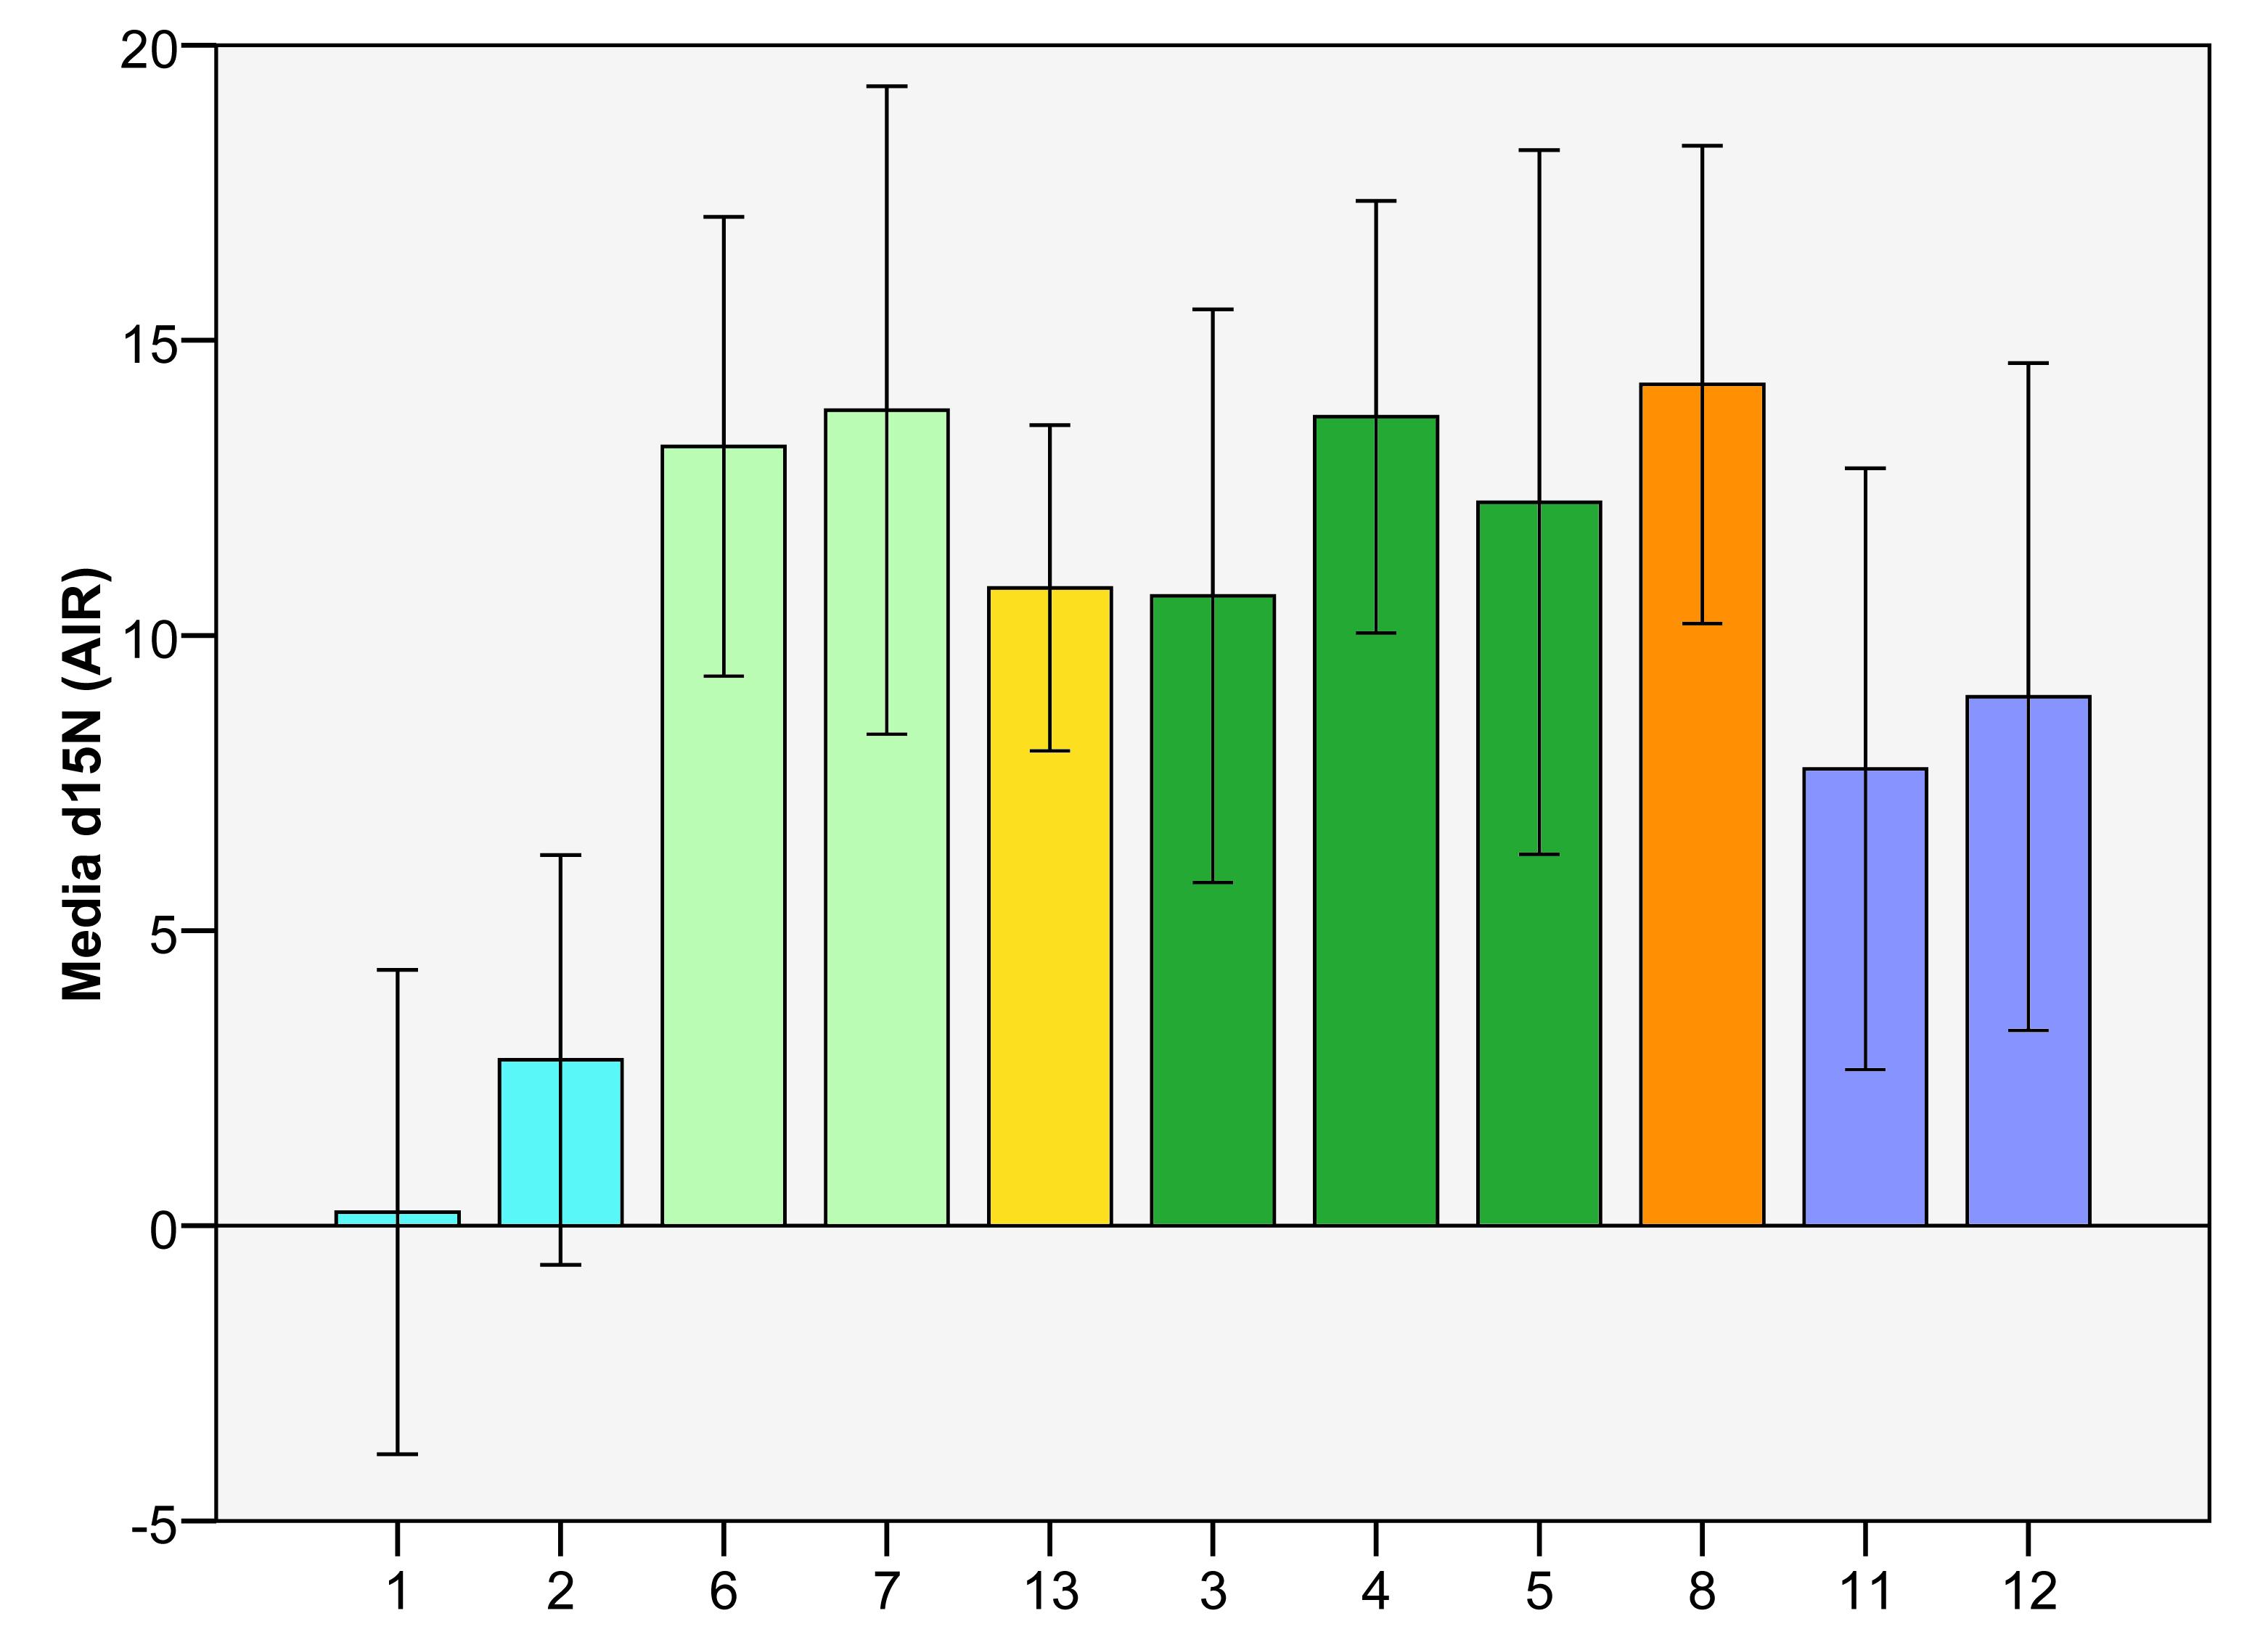 Delta 15N dos nitratos nos puntos de mostraxe do CSIC